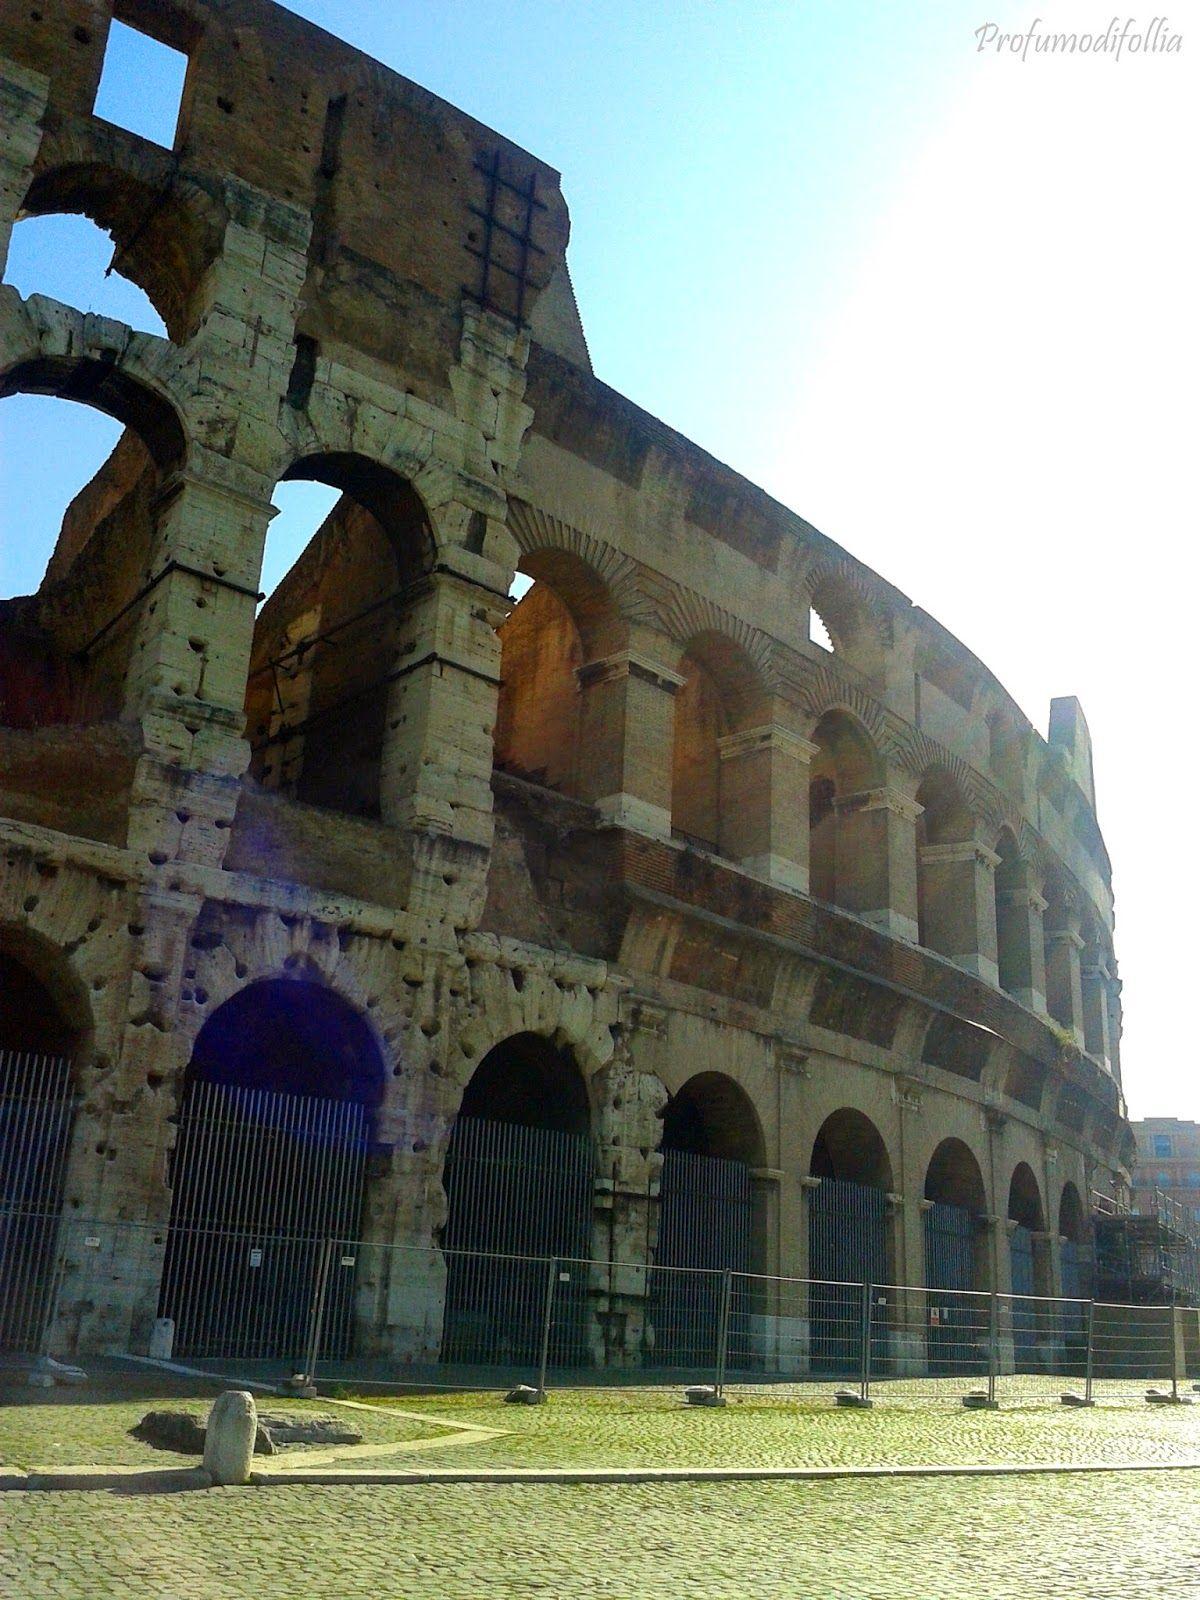 Profumo di follia: Top ten: le dieci cose da fare e vedere a Roma